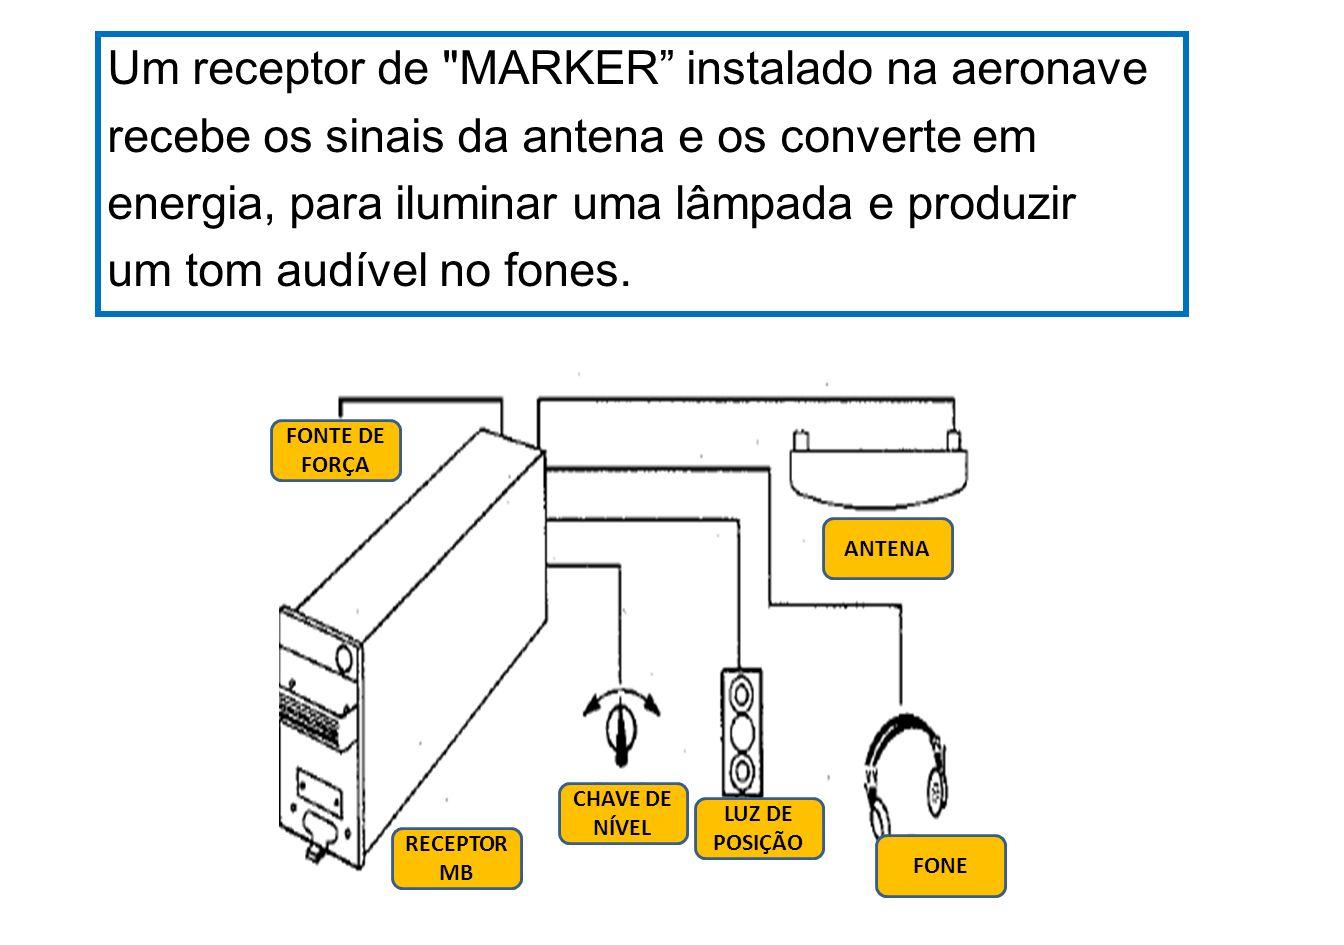 Um receptor de MARKER instalado na aeronave